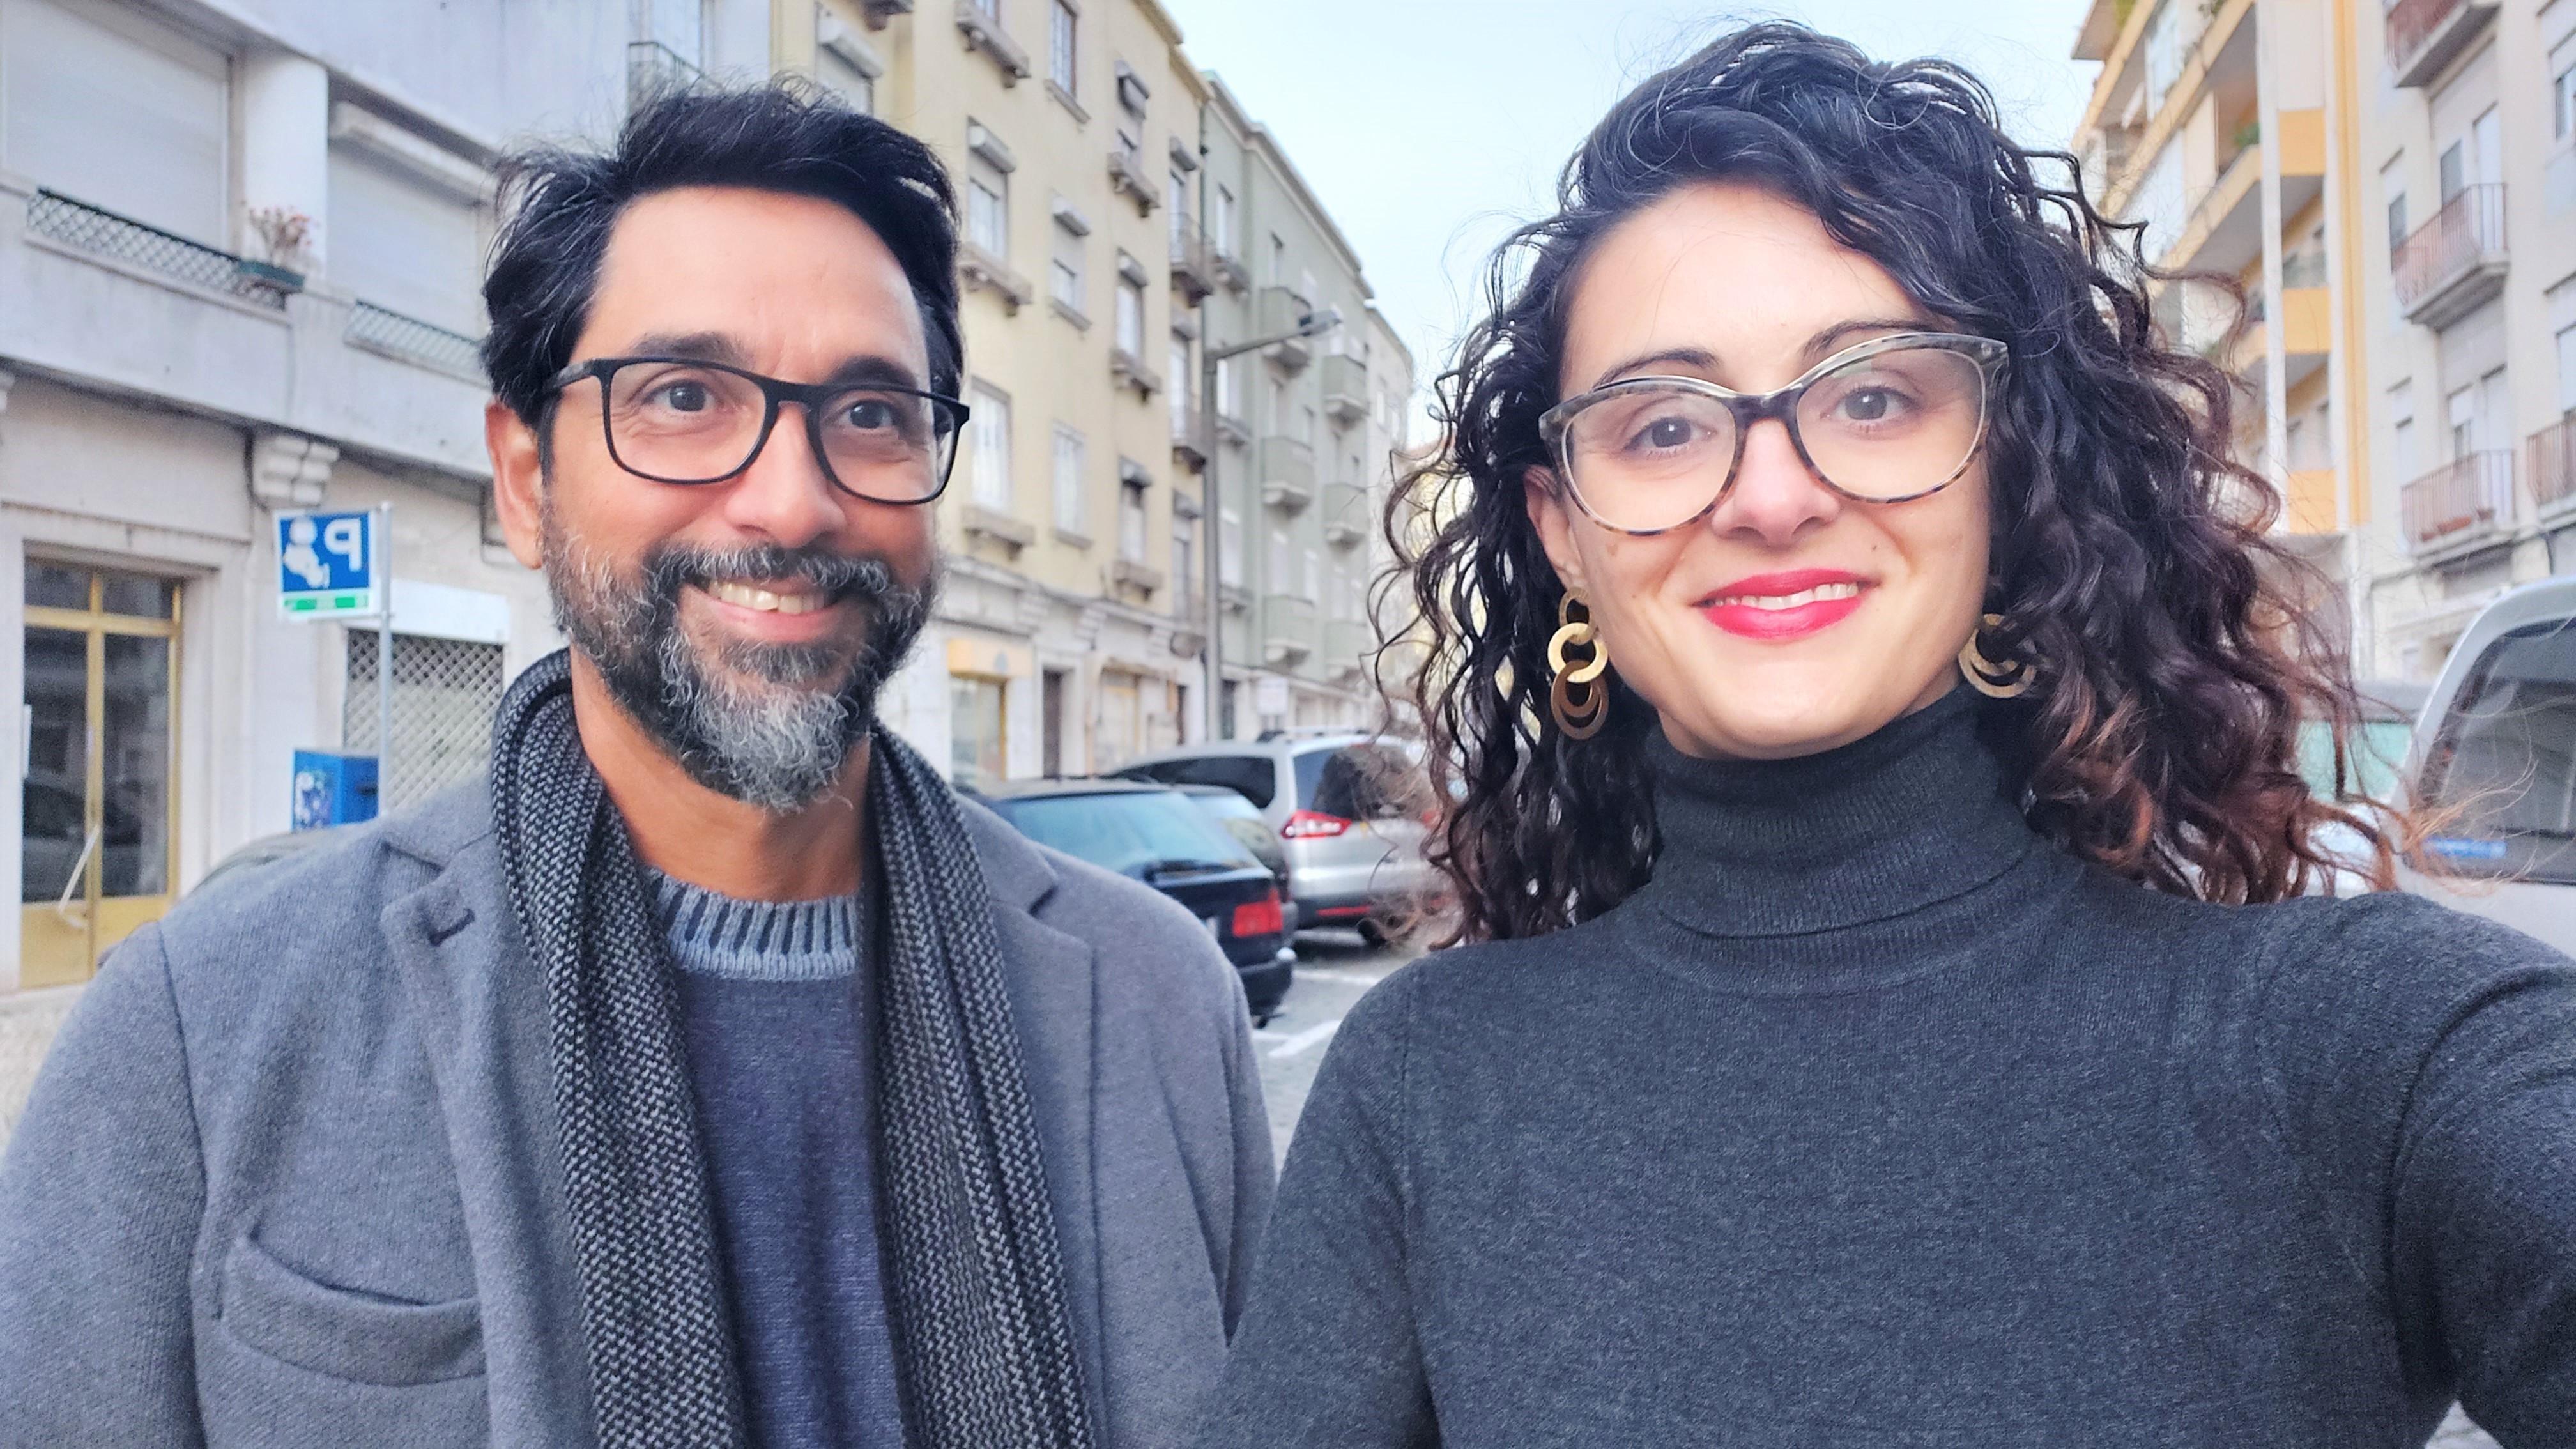 Leonardo Mesquita e Flávia Motta, do Lisboa à Beça, em uma rua da capital